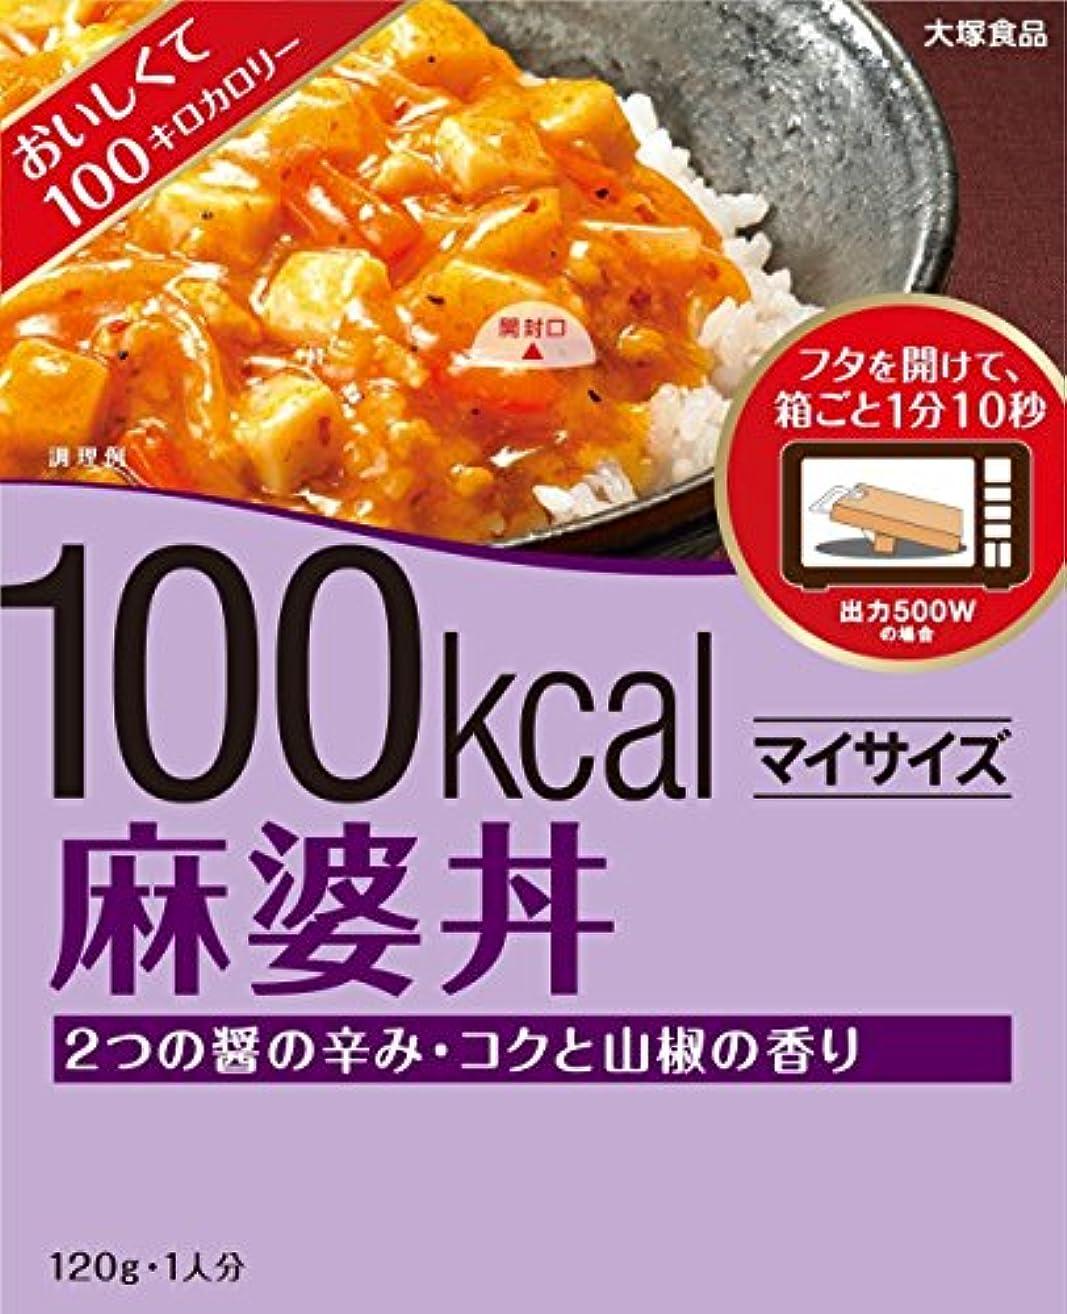 裏切り虫交渉する大塚 マイサイズ 麻婆丼 120g【5個セット】